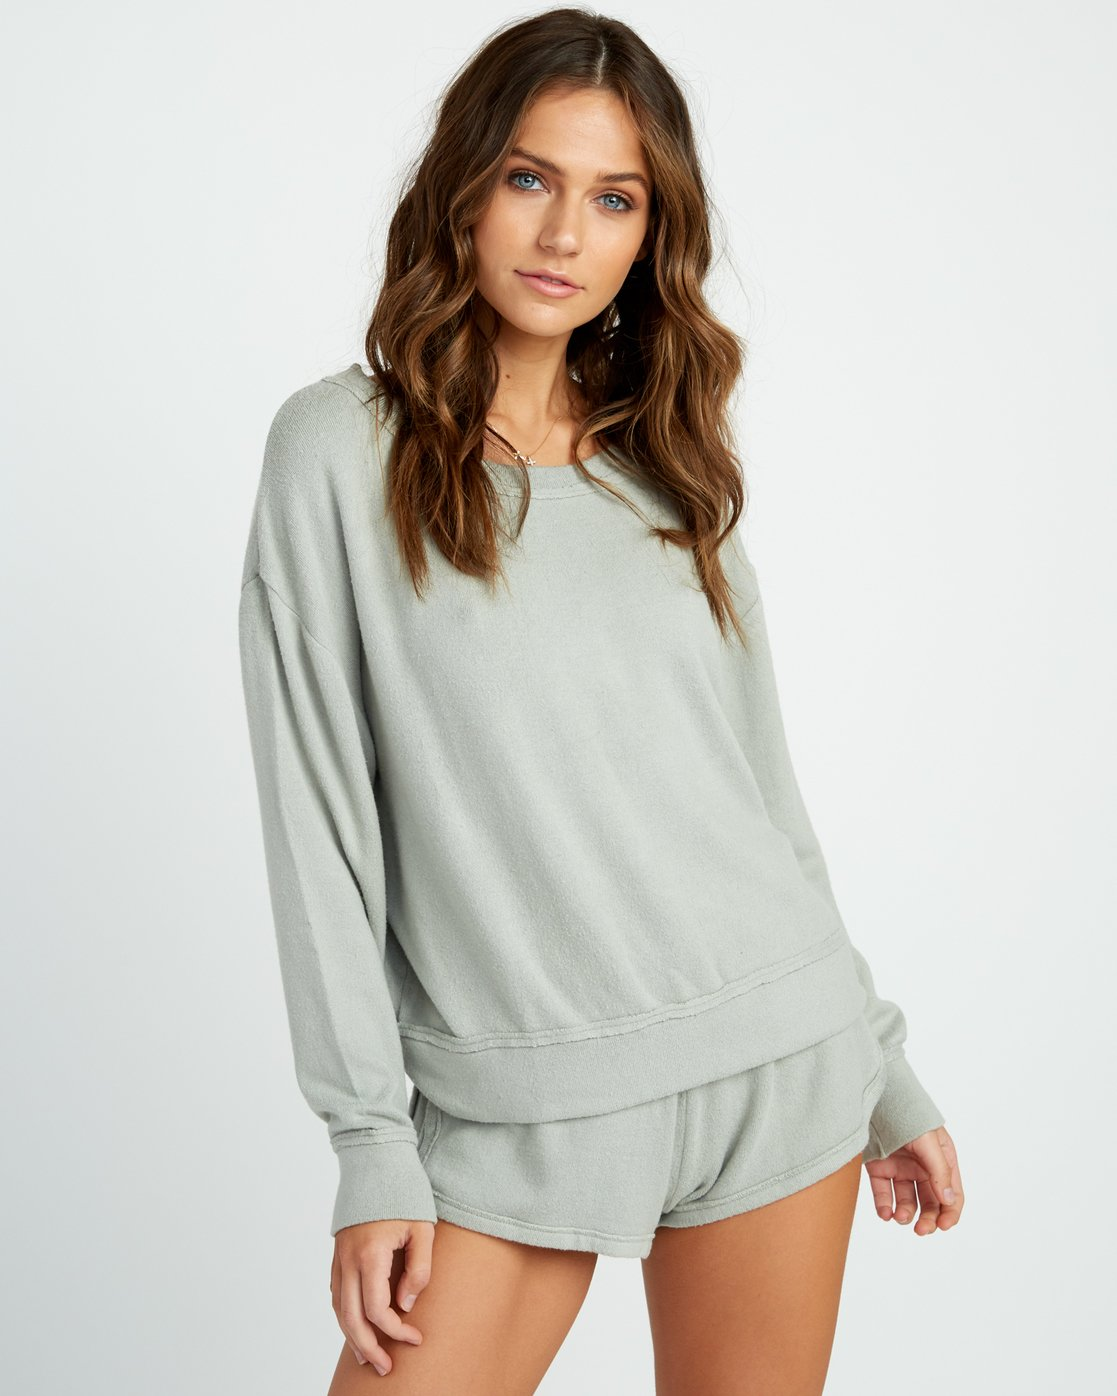 0 Daydream Knit Sweatshirt Green P3FLRBRVS9 RVCA